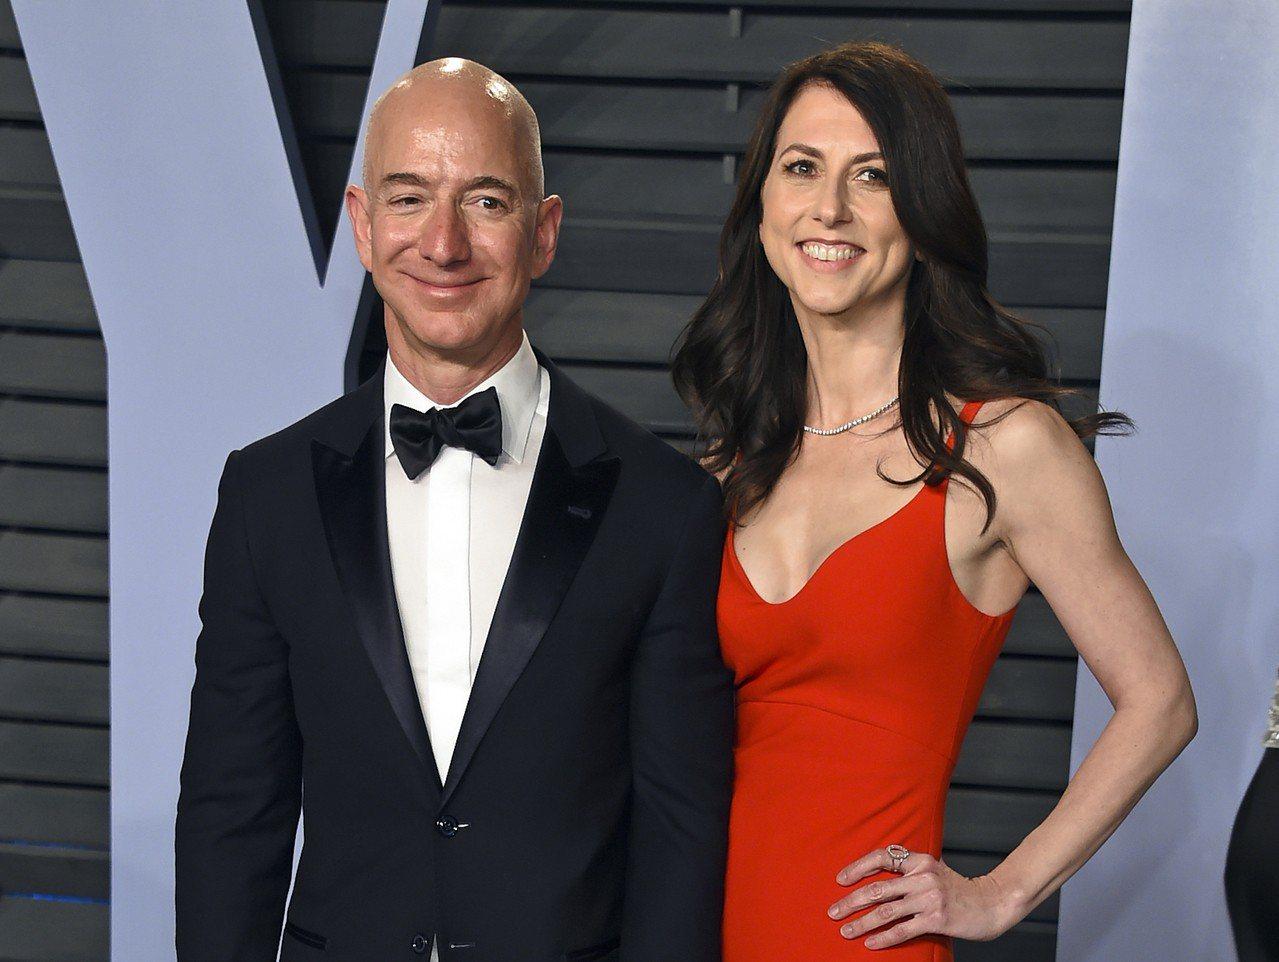 貝佐斯離婚,前妻麥肯琪可能成為全球身價最高的女性。 美聯社